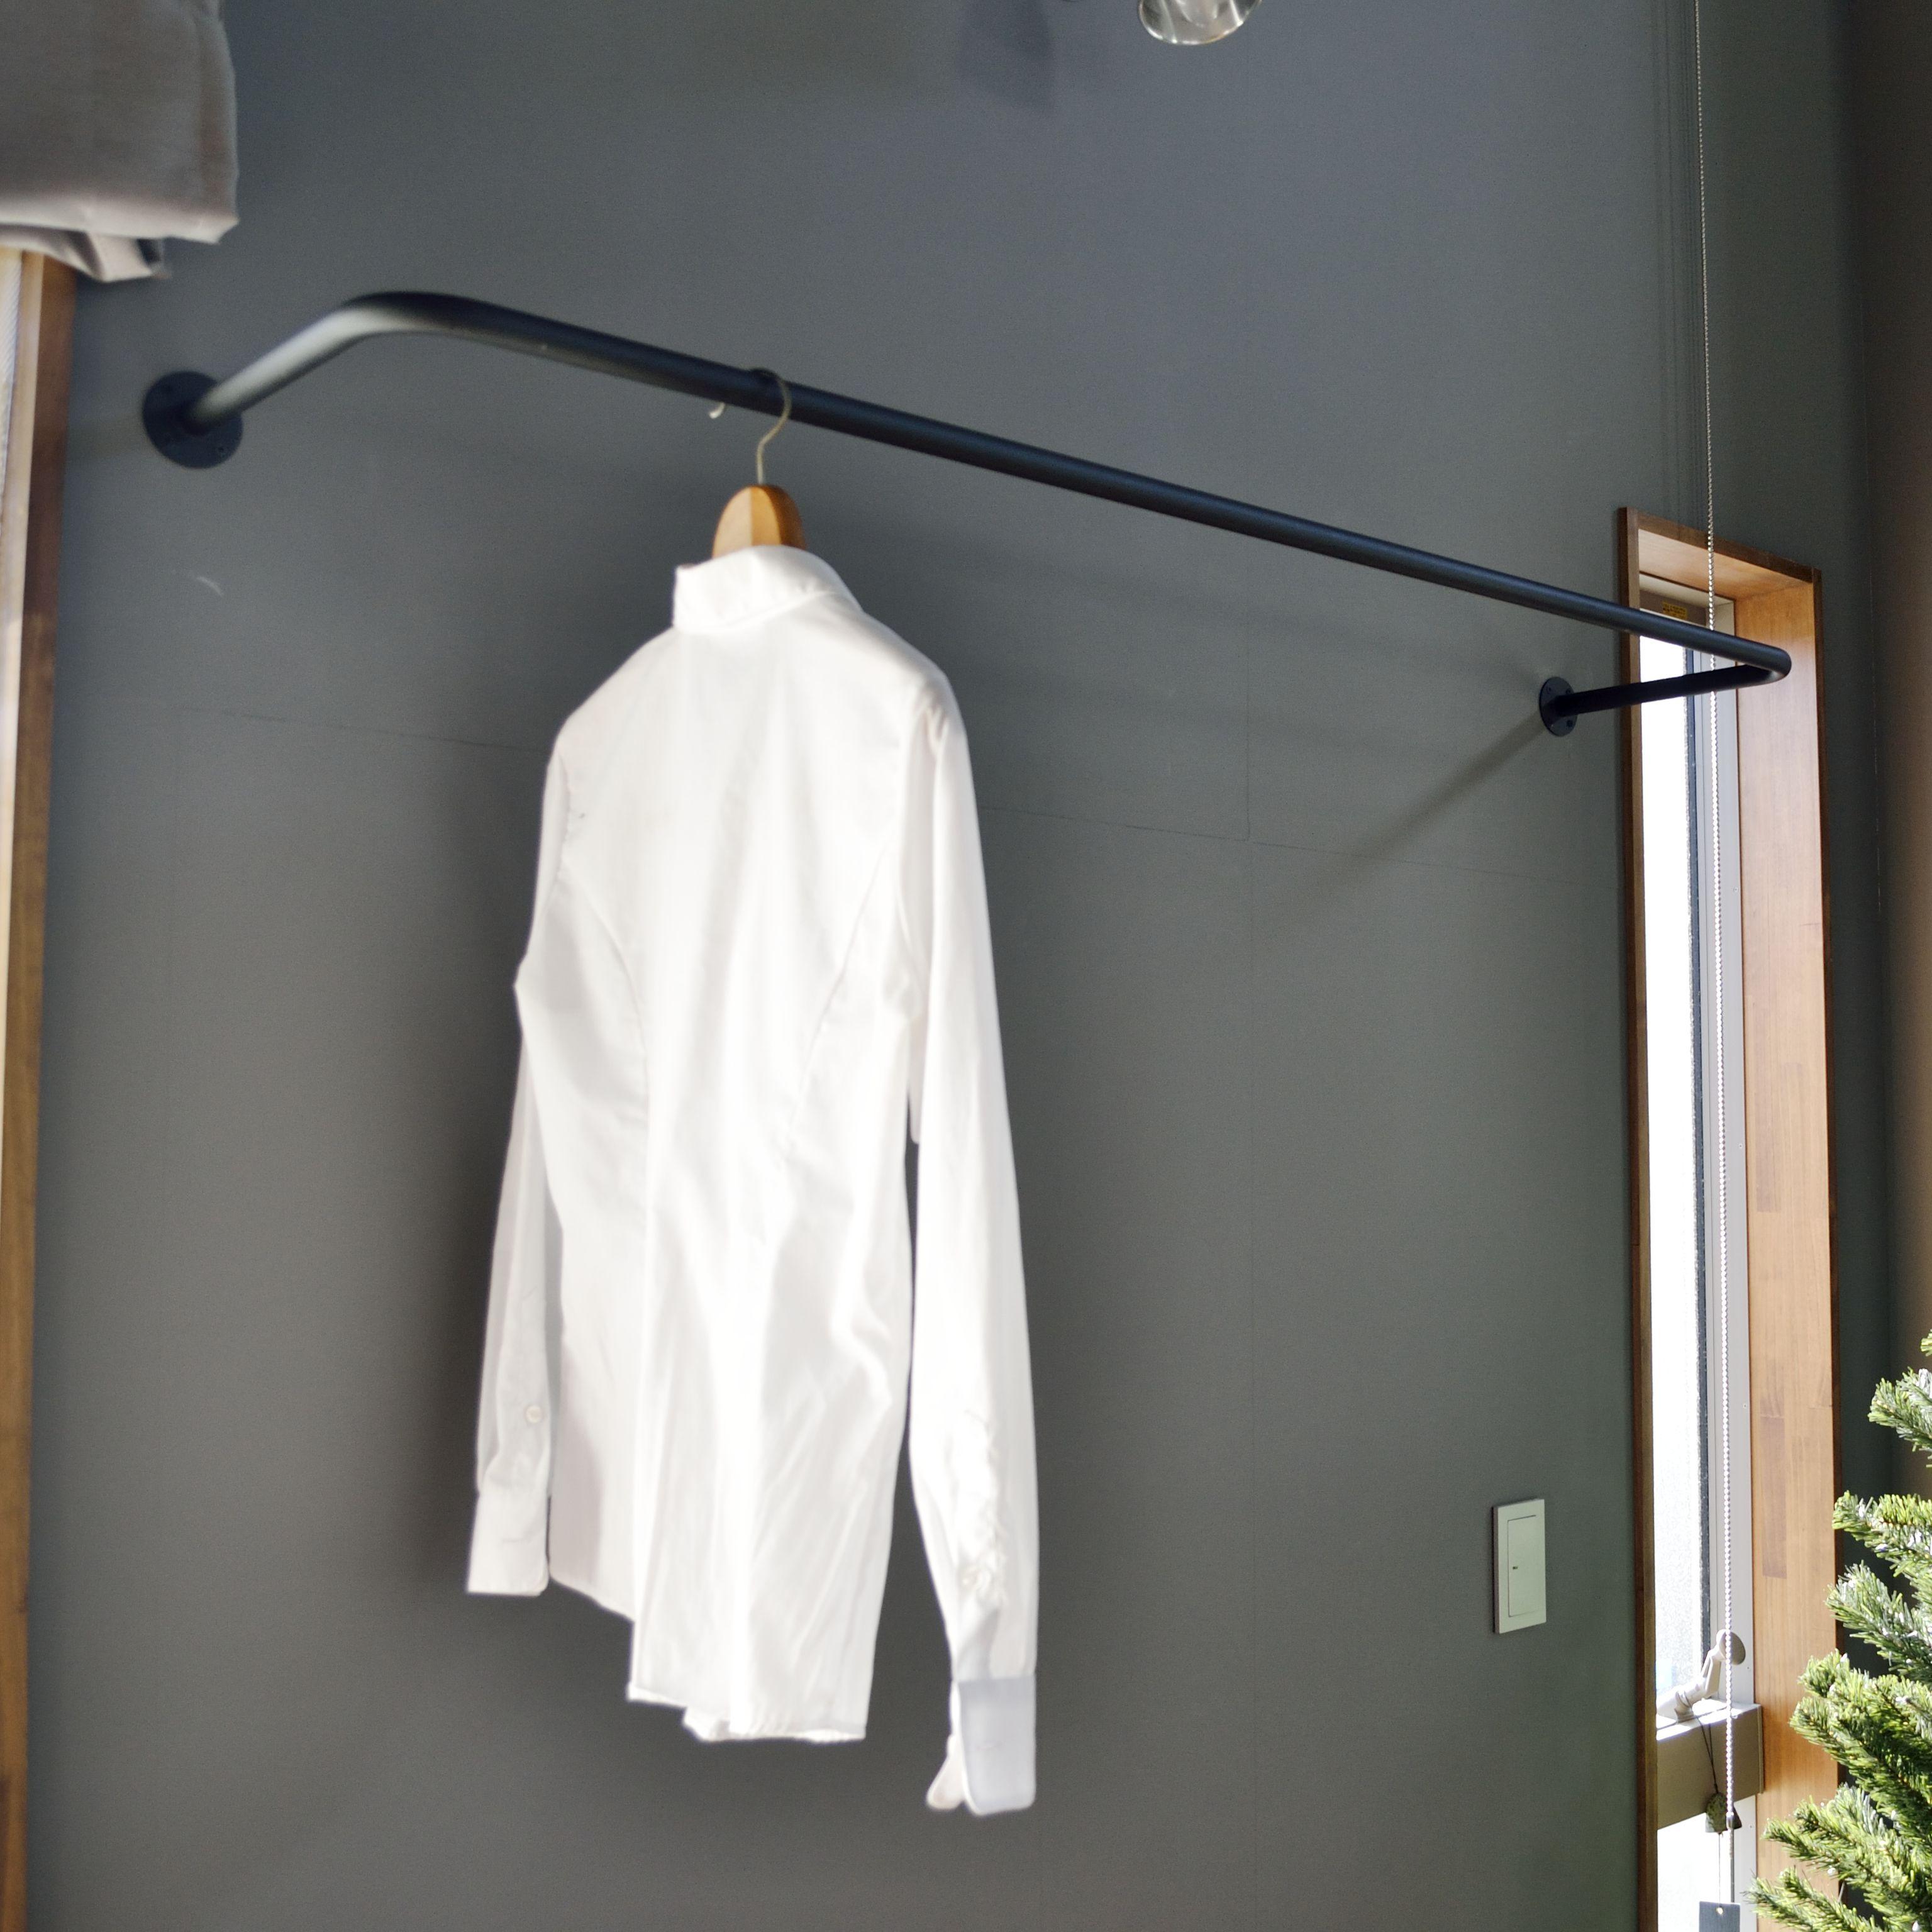 アイアン製の物干しパイプ 壁付け 天井吊 洗濯 物干し 部屋干し